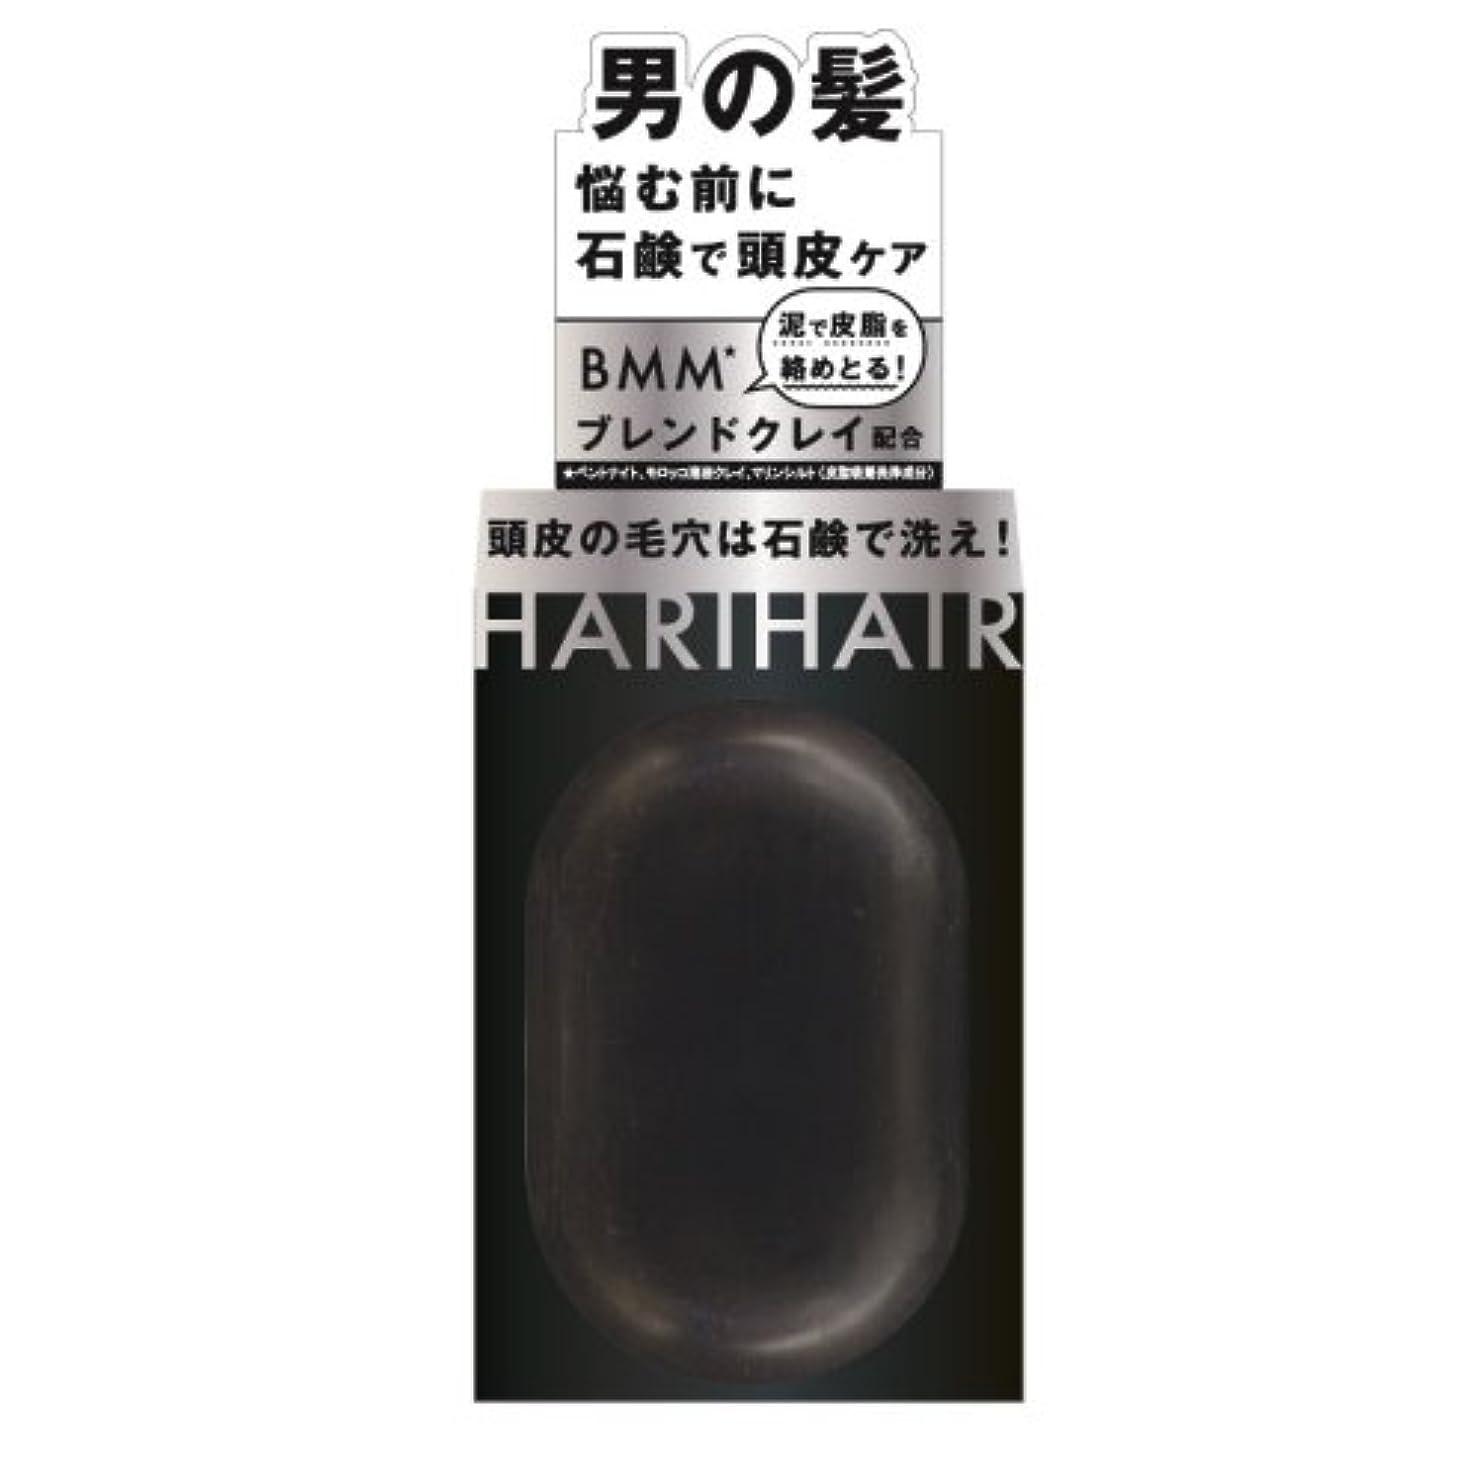 公爵ヒューバートハドソン起訴するペリカン石鹸 ハリヘア 固形シャンプー 100g